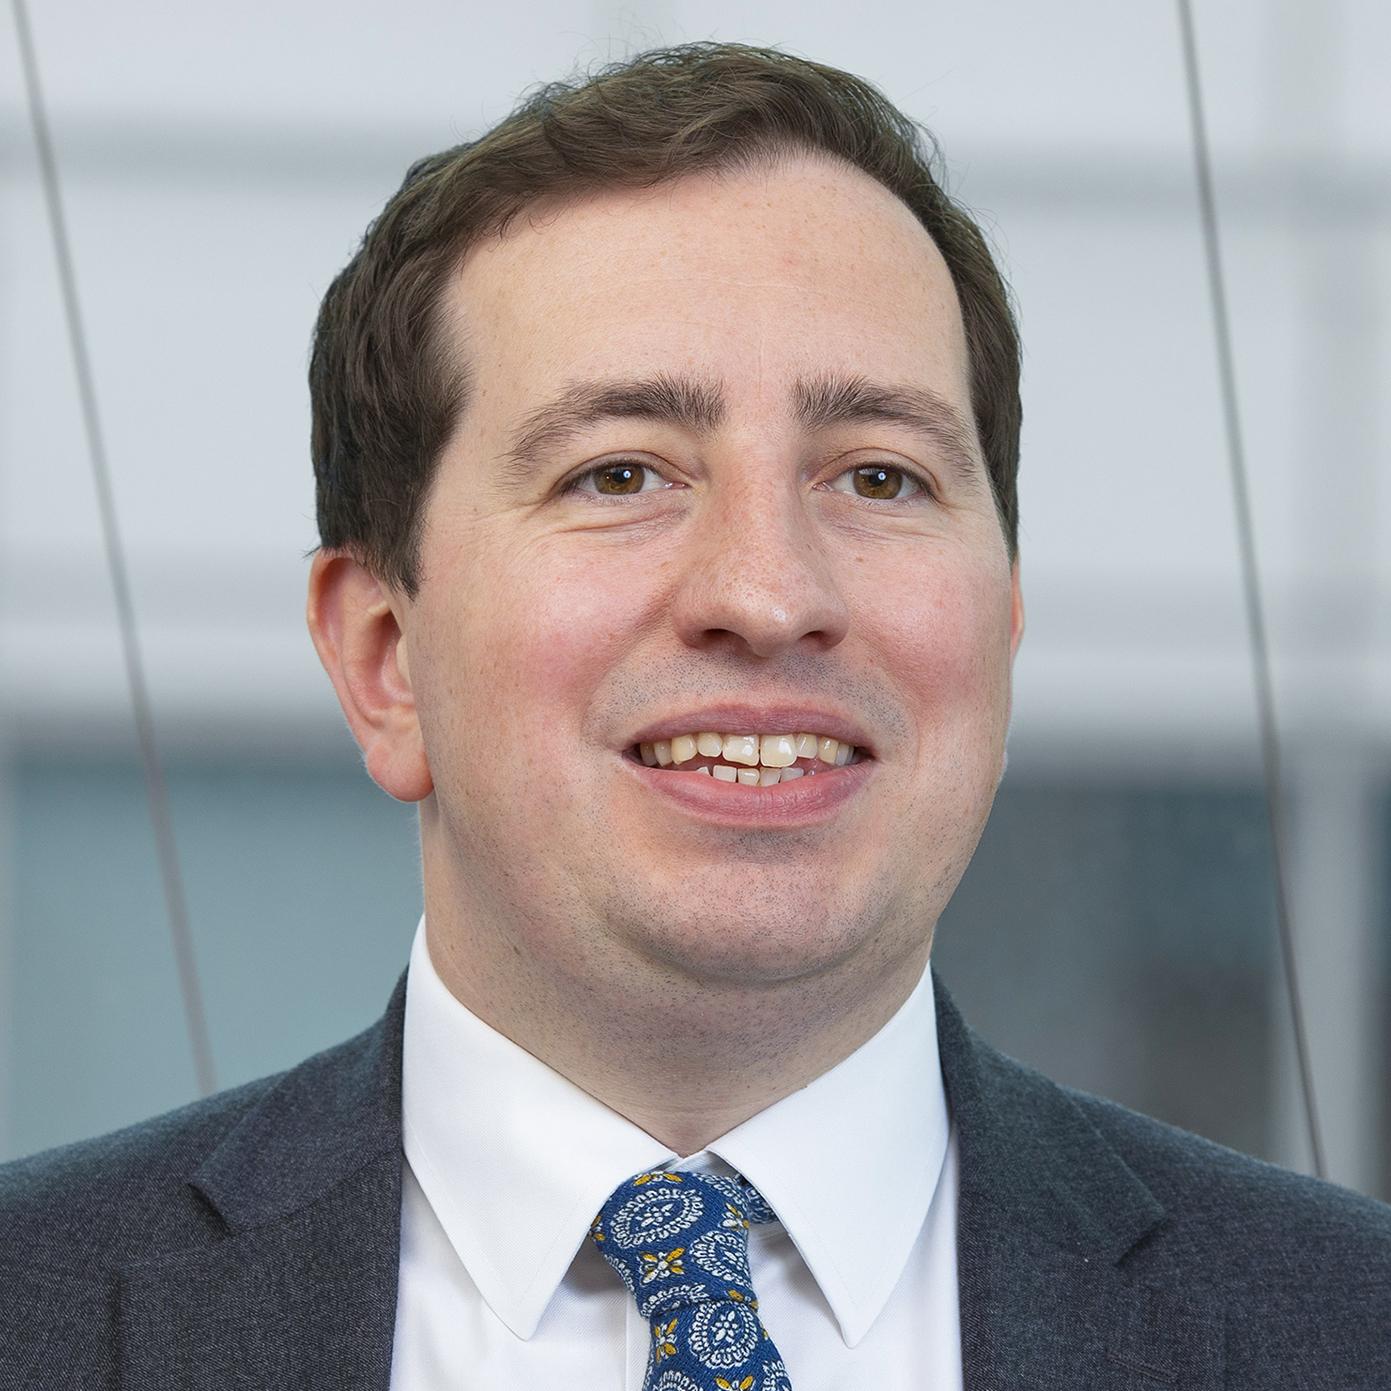 Gareth Oldale